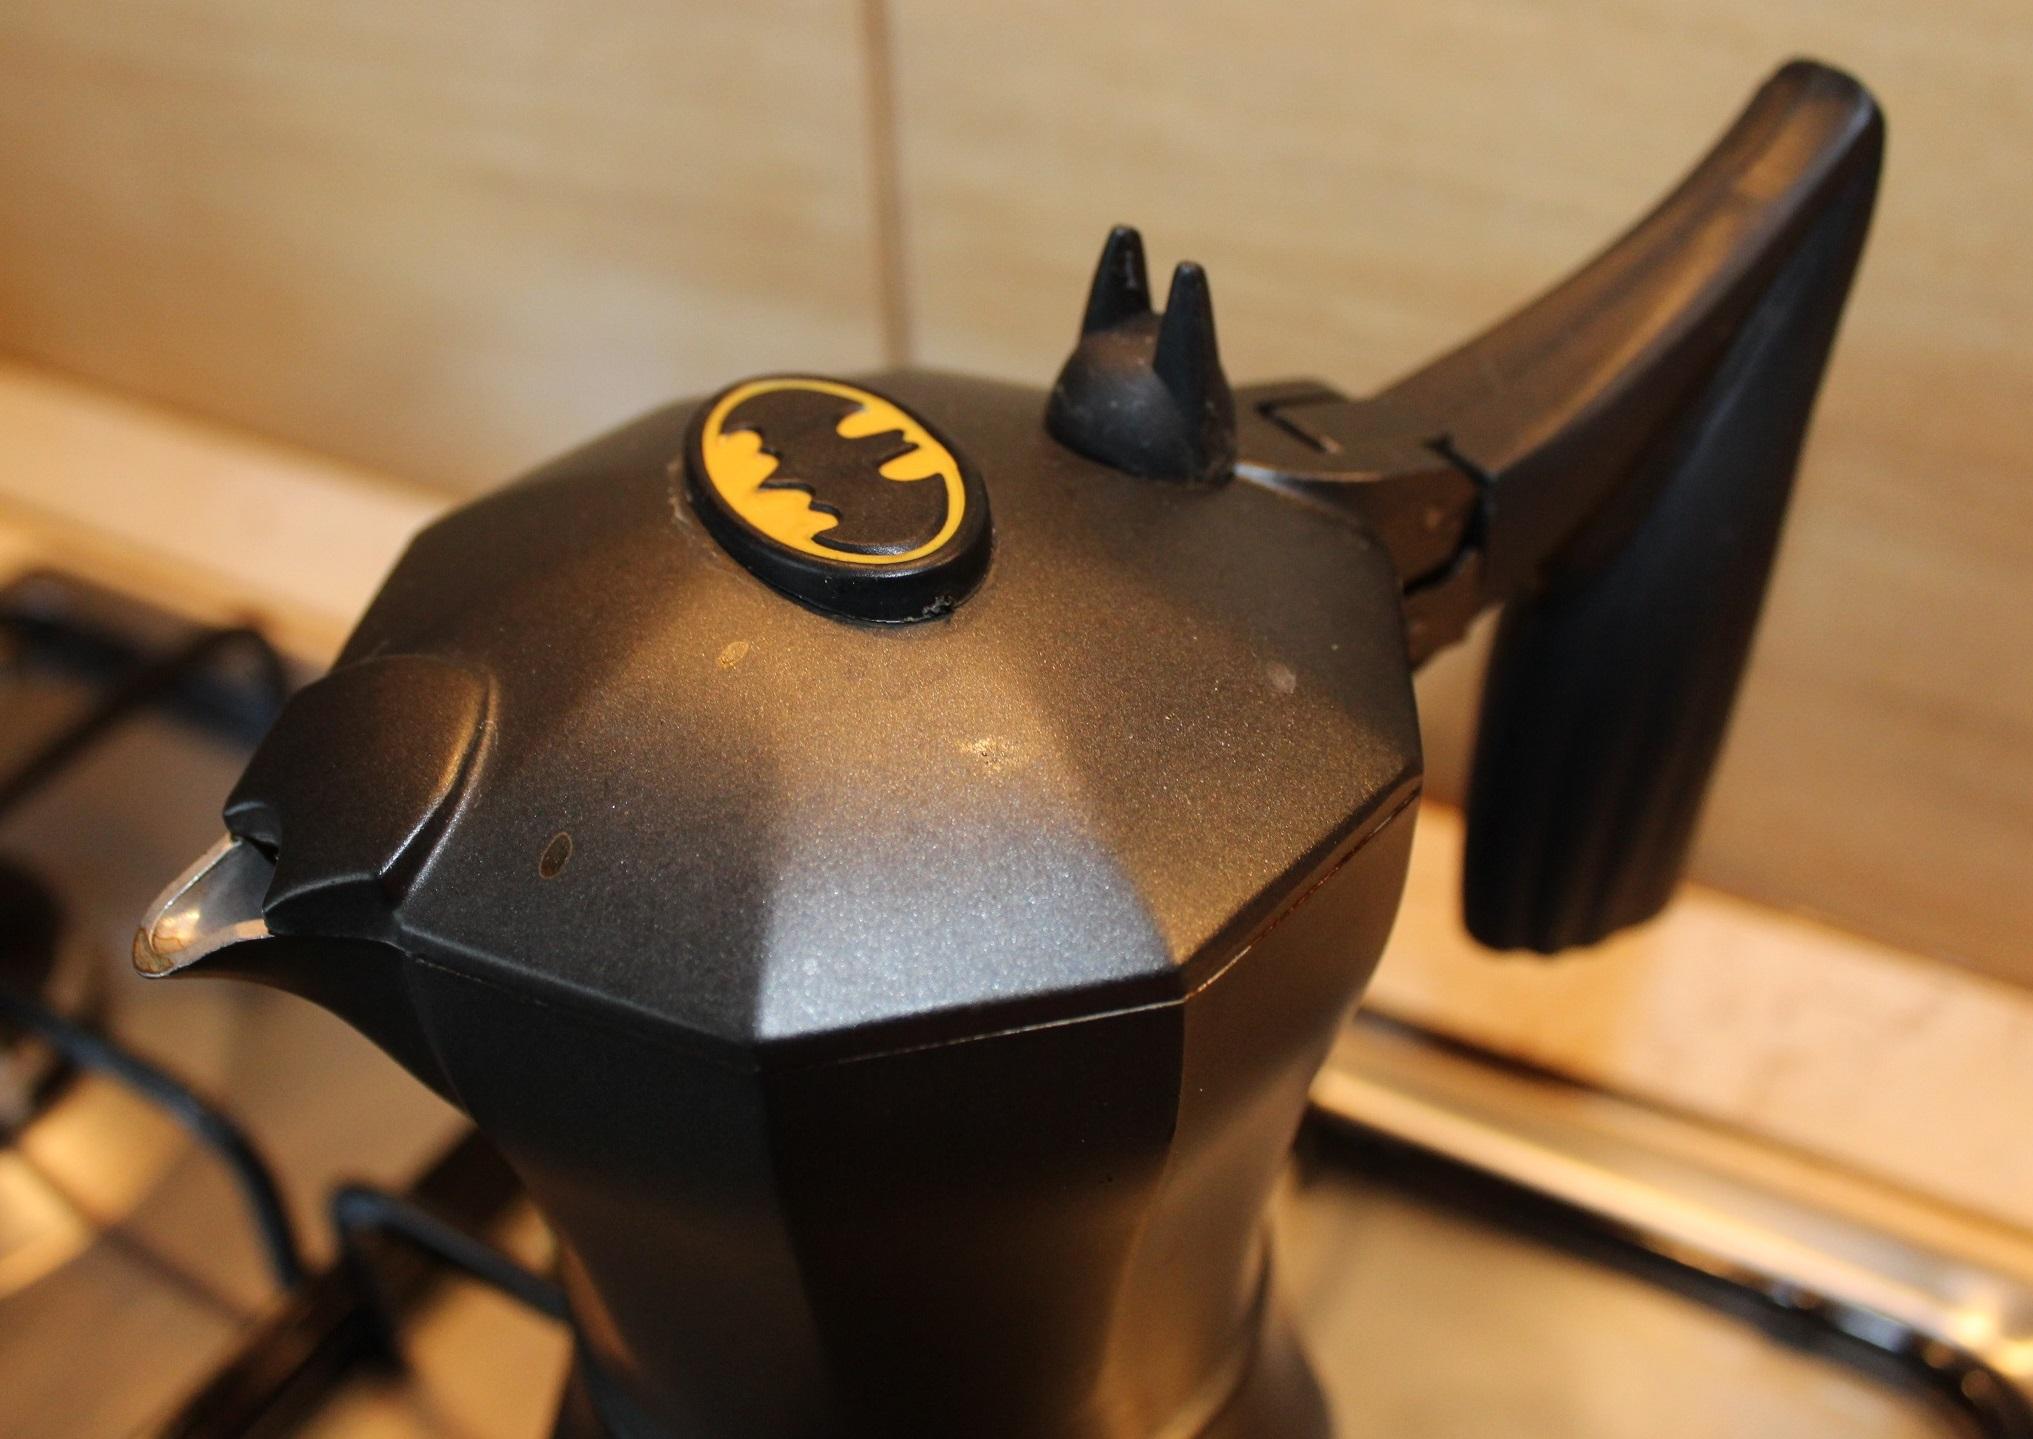 szmk_batman_coffee_kavefozo_4.JPG